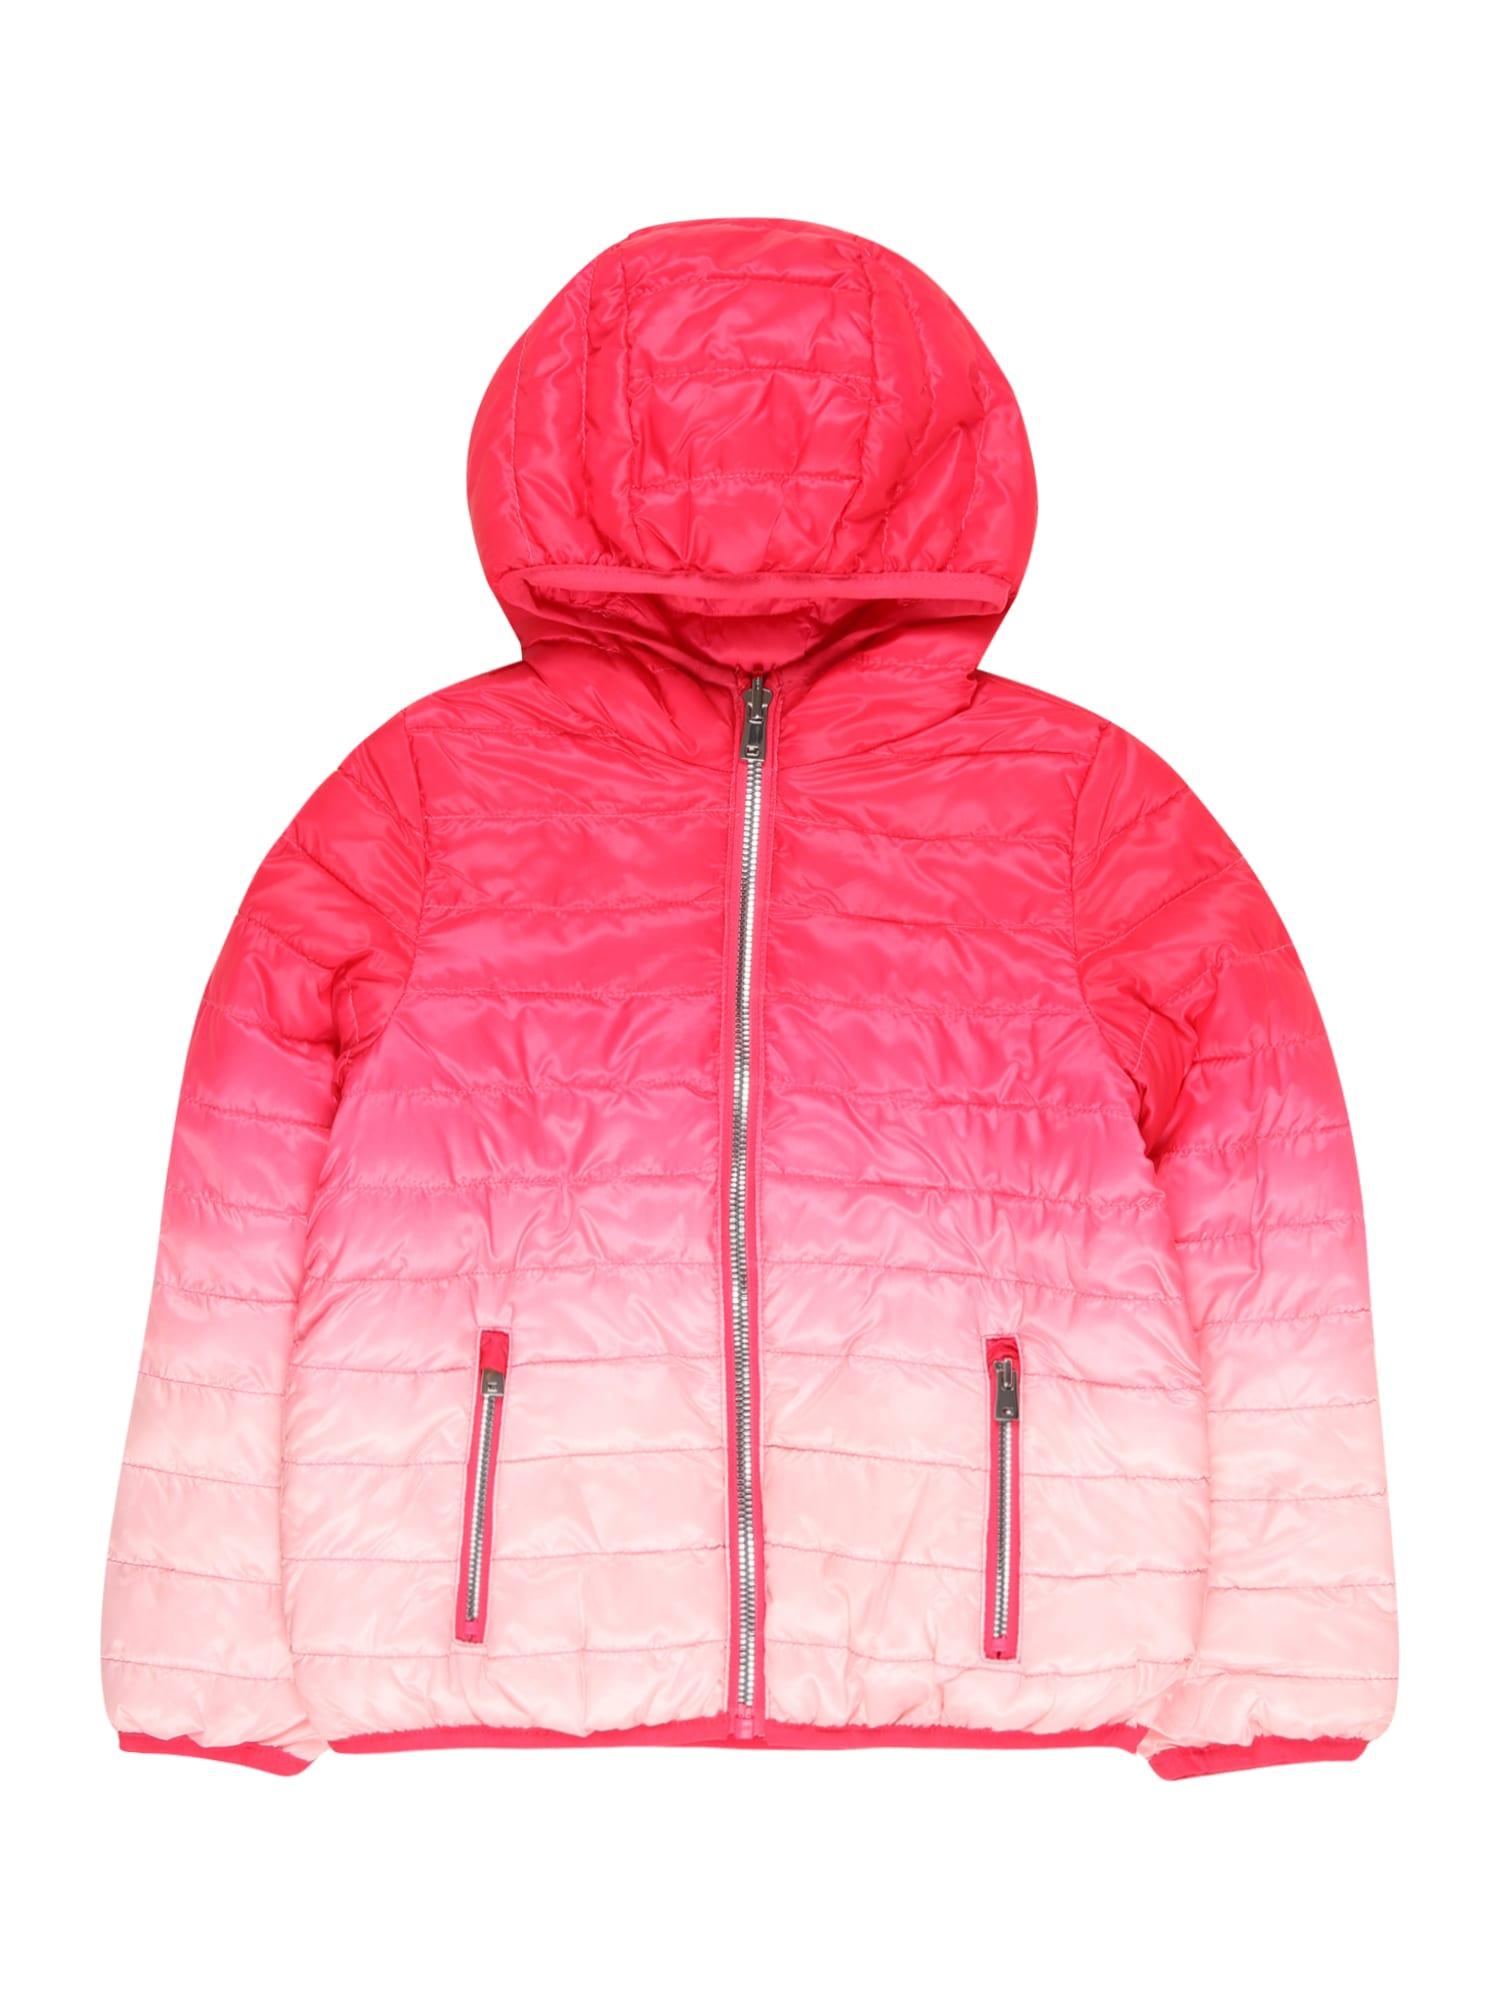 OVS Demisezoninė striukė spanguolių spalva / melionų spalva / pastelinė rožinė